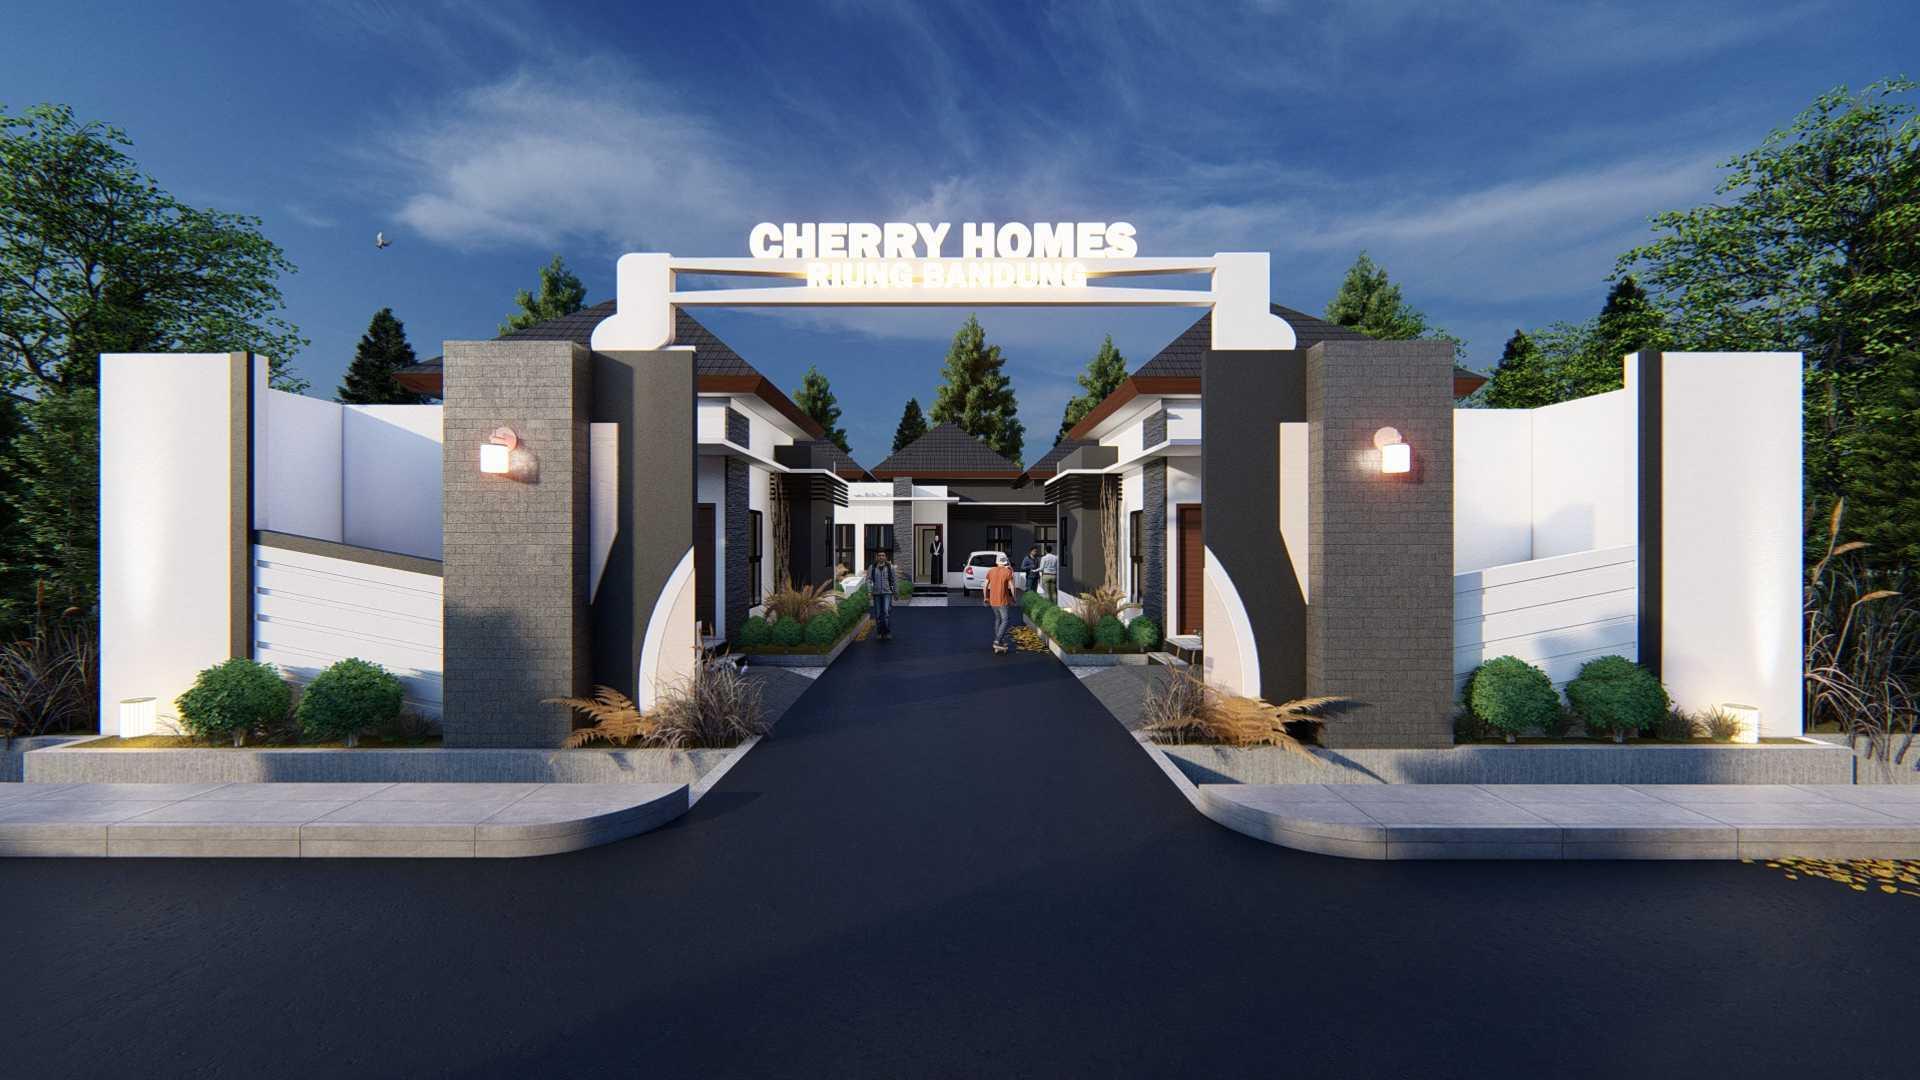 Suba-Arch Cluster Cherry Homes Cisaranten Kidul, Kec. Gedebage, Kota Bandung, Jawa Barat 40295, Indonesia Cisaranten Kidul, Kec. Gedebage, Kota Bandung, Jawa Barat 40295, Indonesia Suba-Arch-Cluster-Cherry-Homes   81221